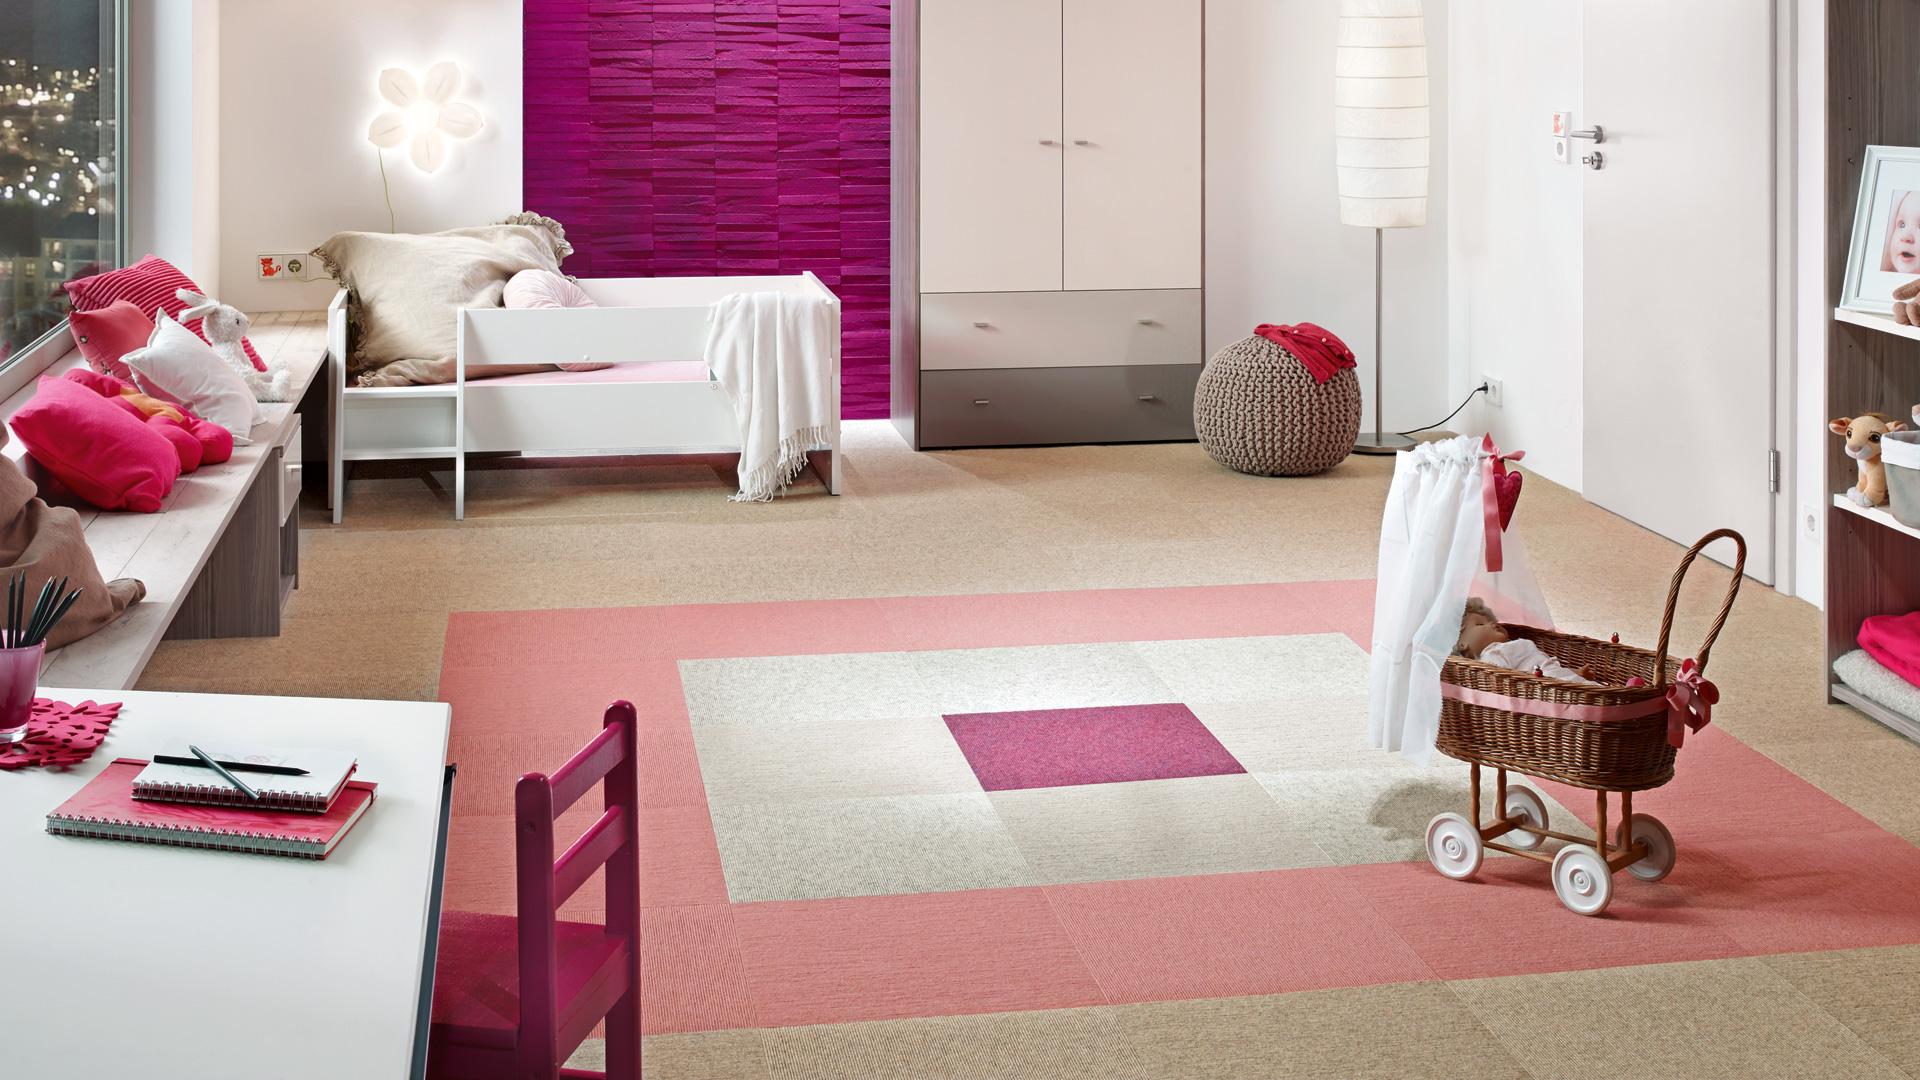 boden tapezierer syrch 1120 wien hetzendorf. Black Bedroom Furniture Sets. Home Design Ideas